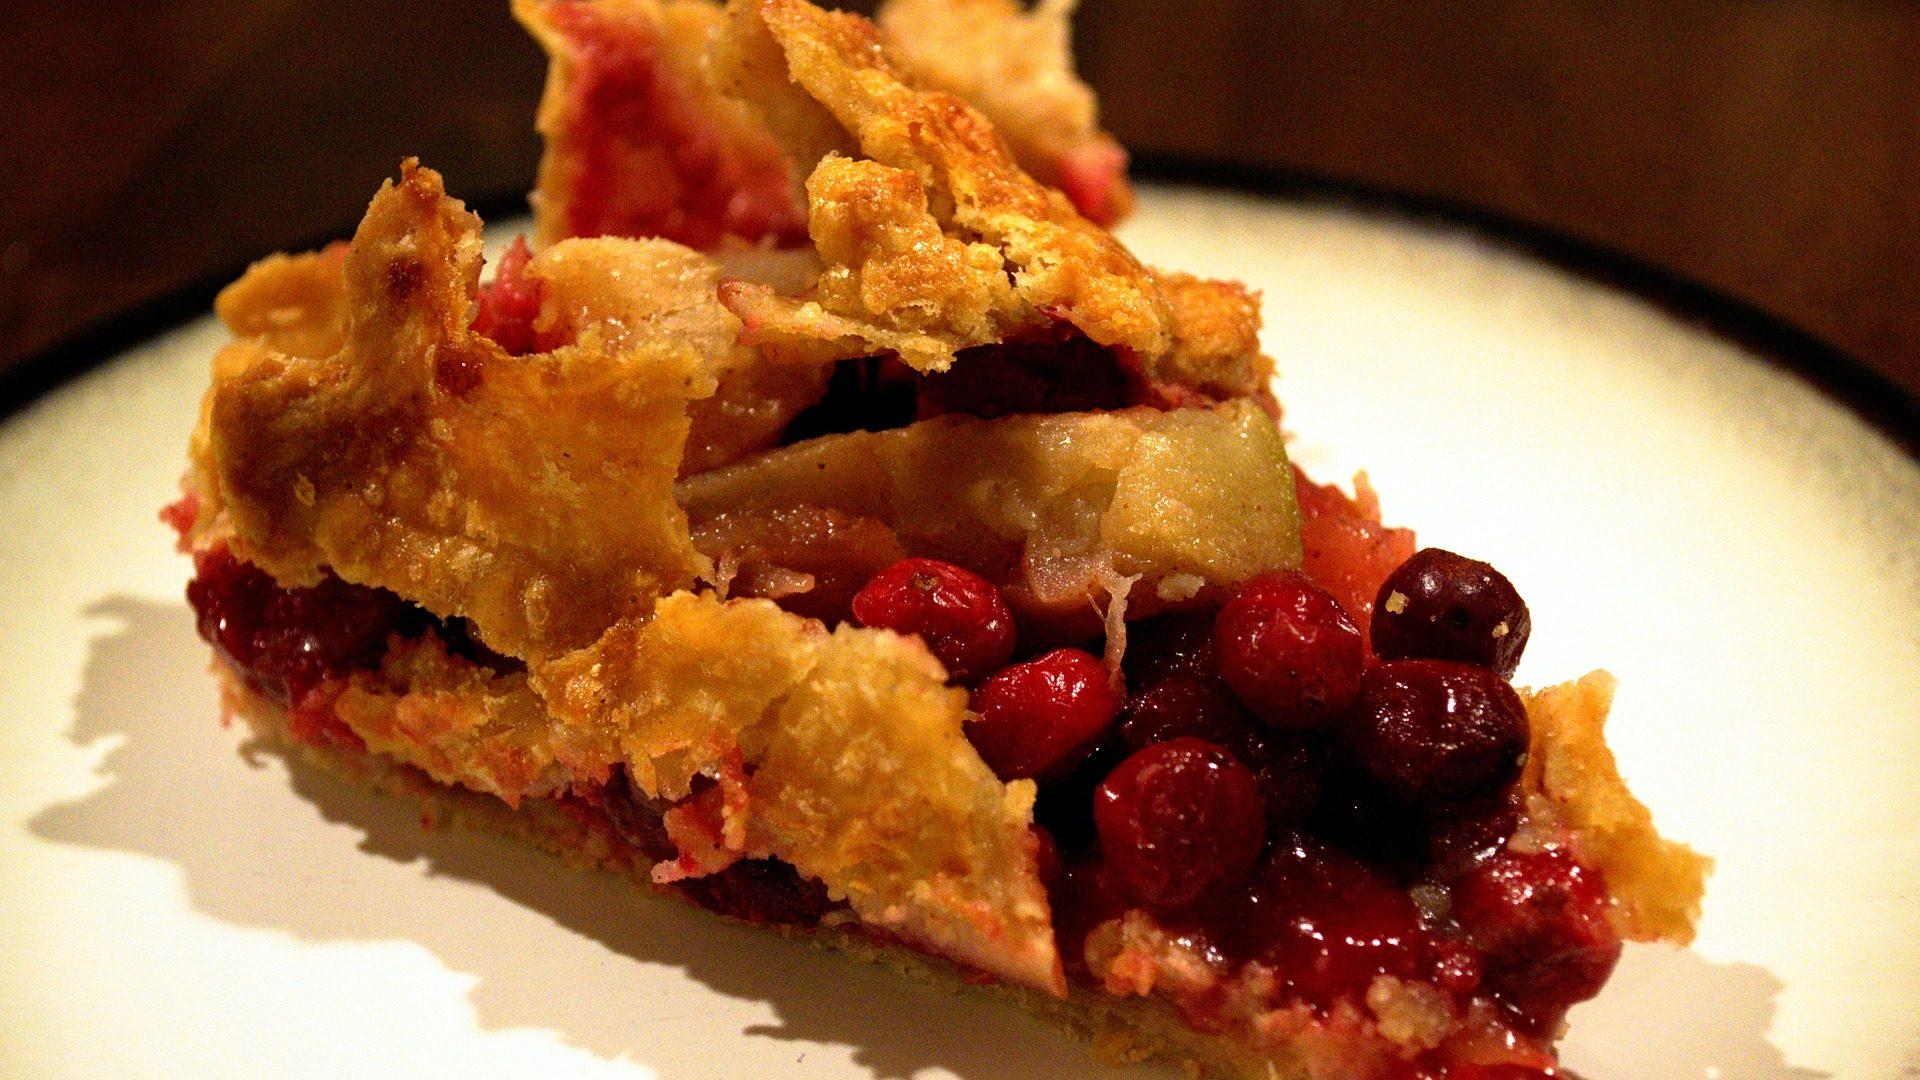 cranberry-pie-881175_1920